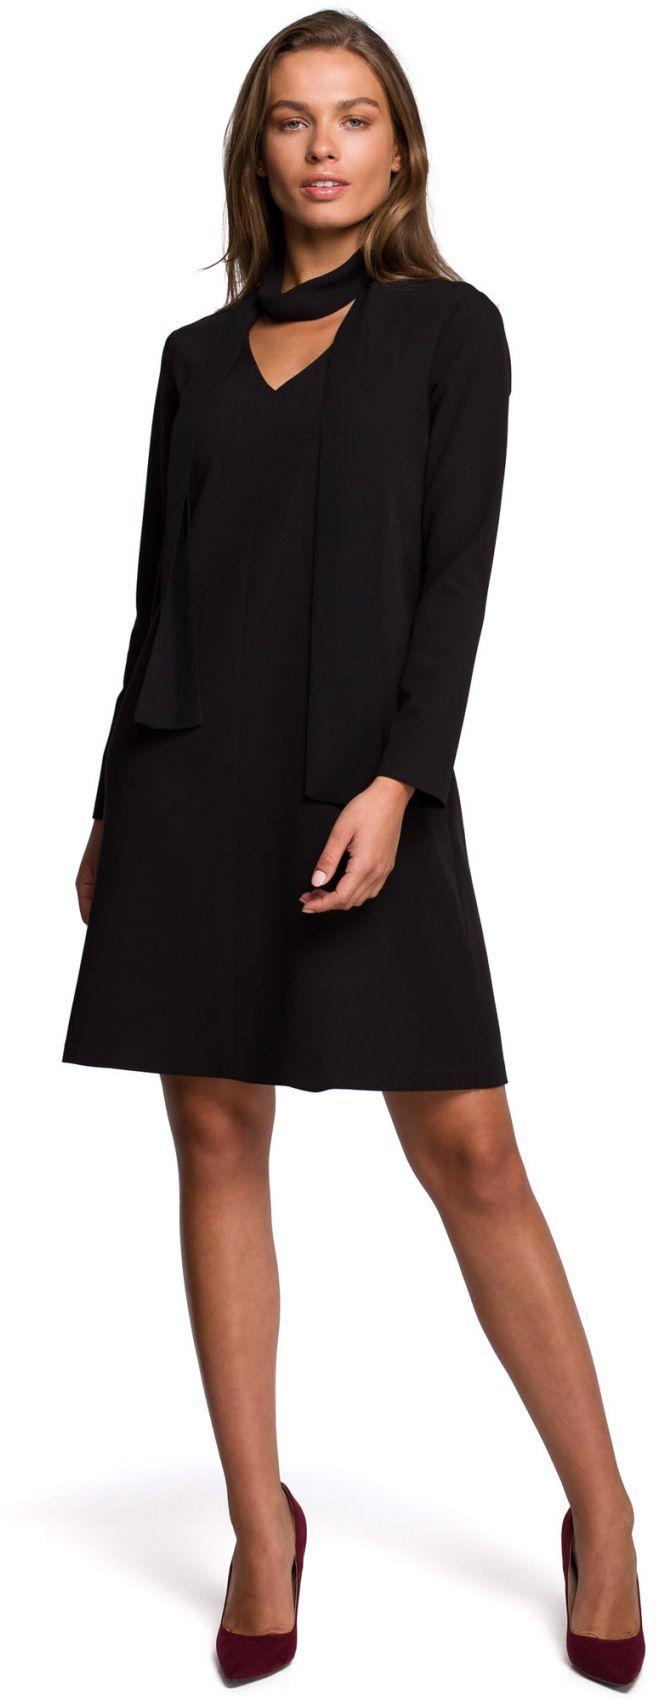 S233 Sukienka z szyfonowym szalem - czarny